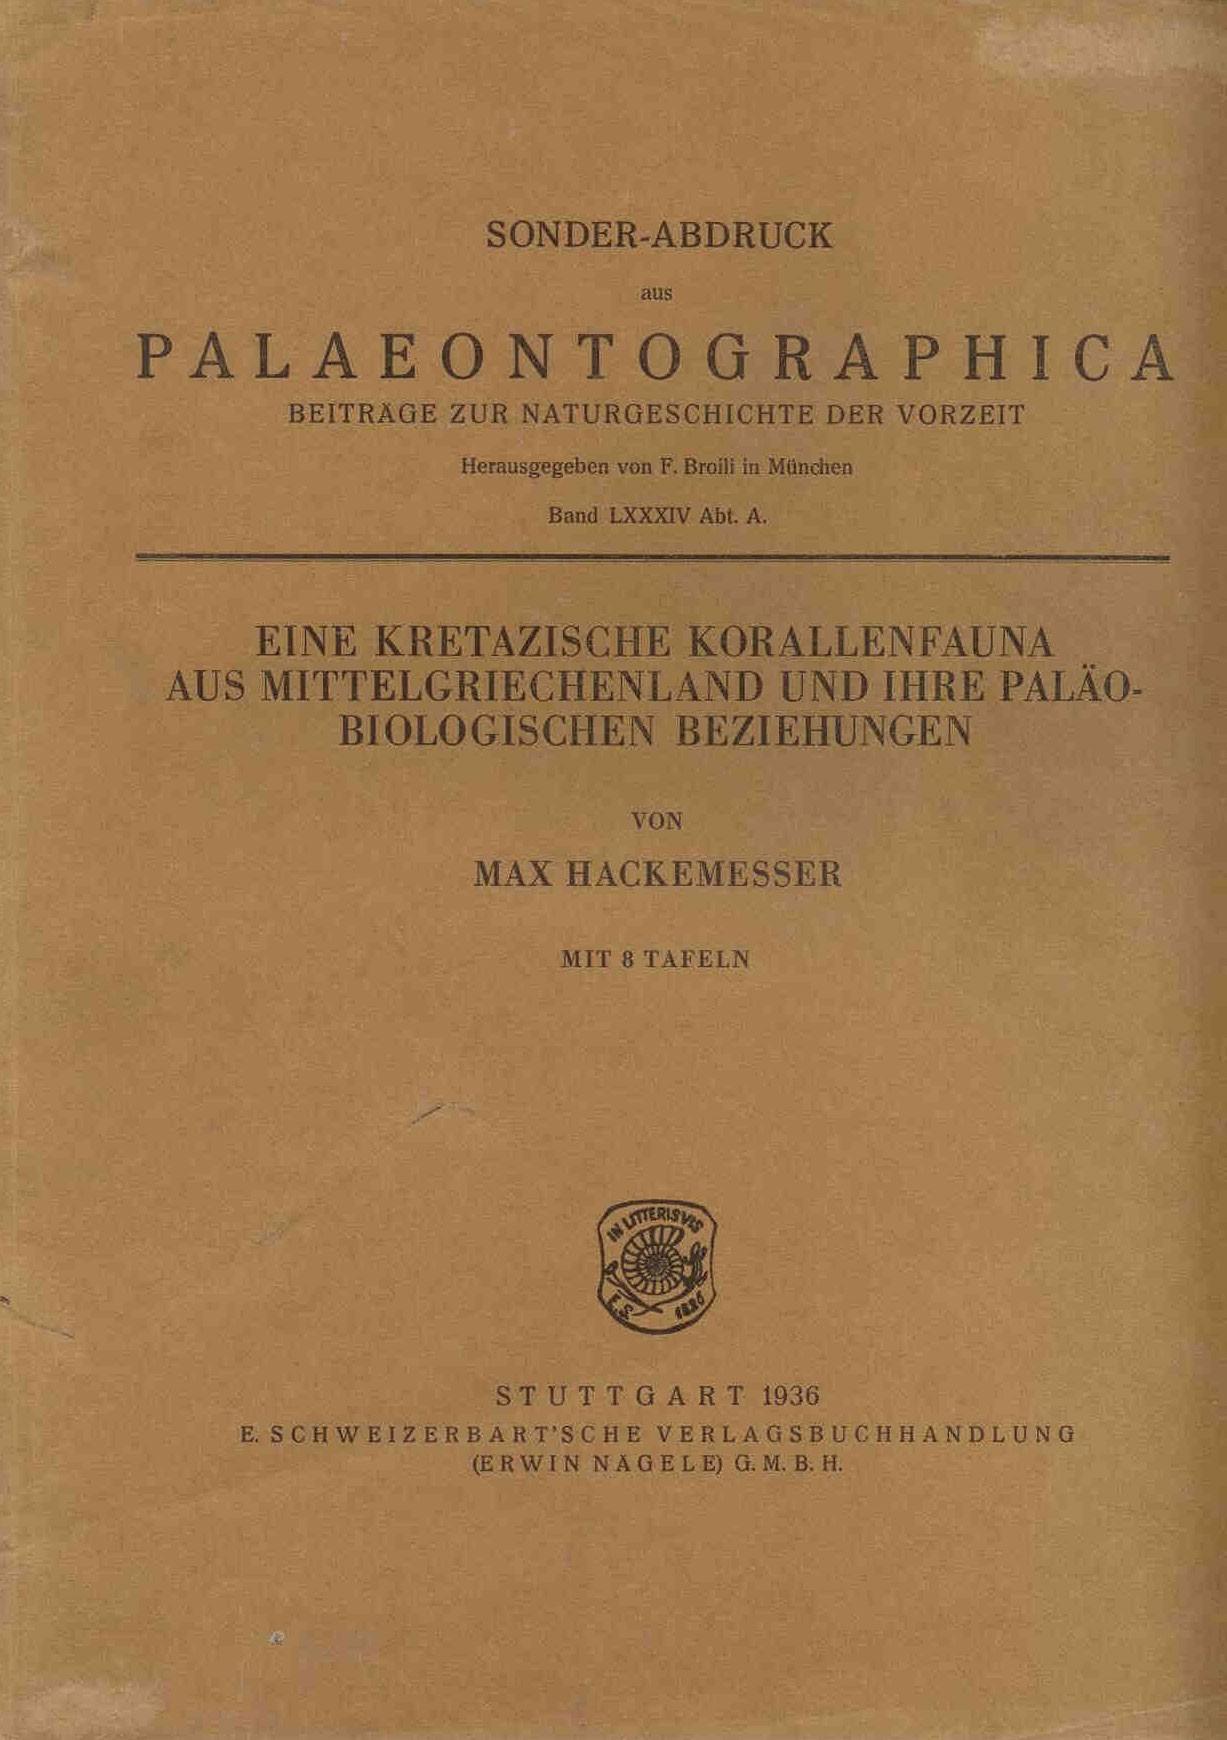 Hackemesser, M.:Eine kretazische Korallenfauna aus Mittelgriechenland u. ihre paläobiologischen Beziehungen.